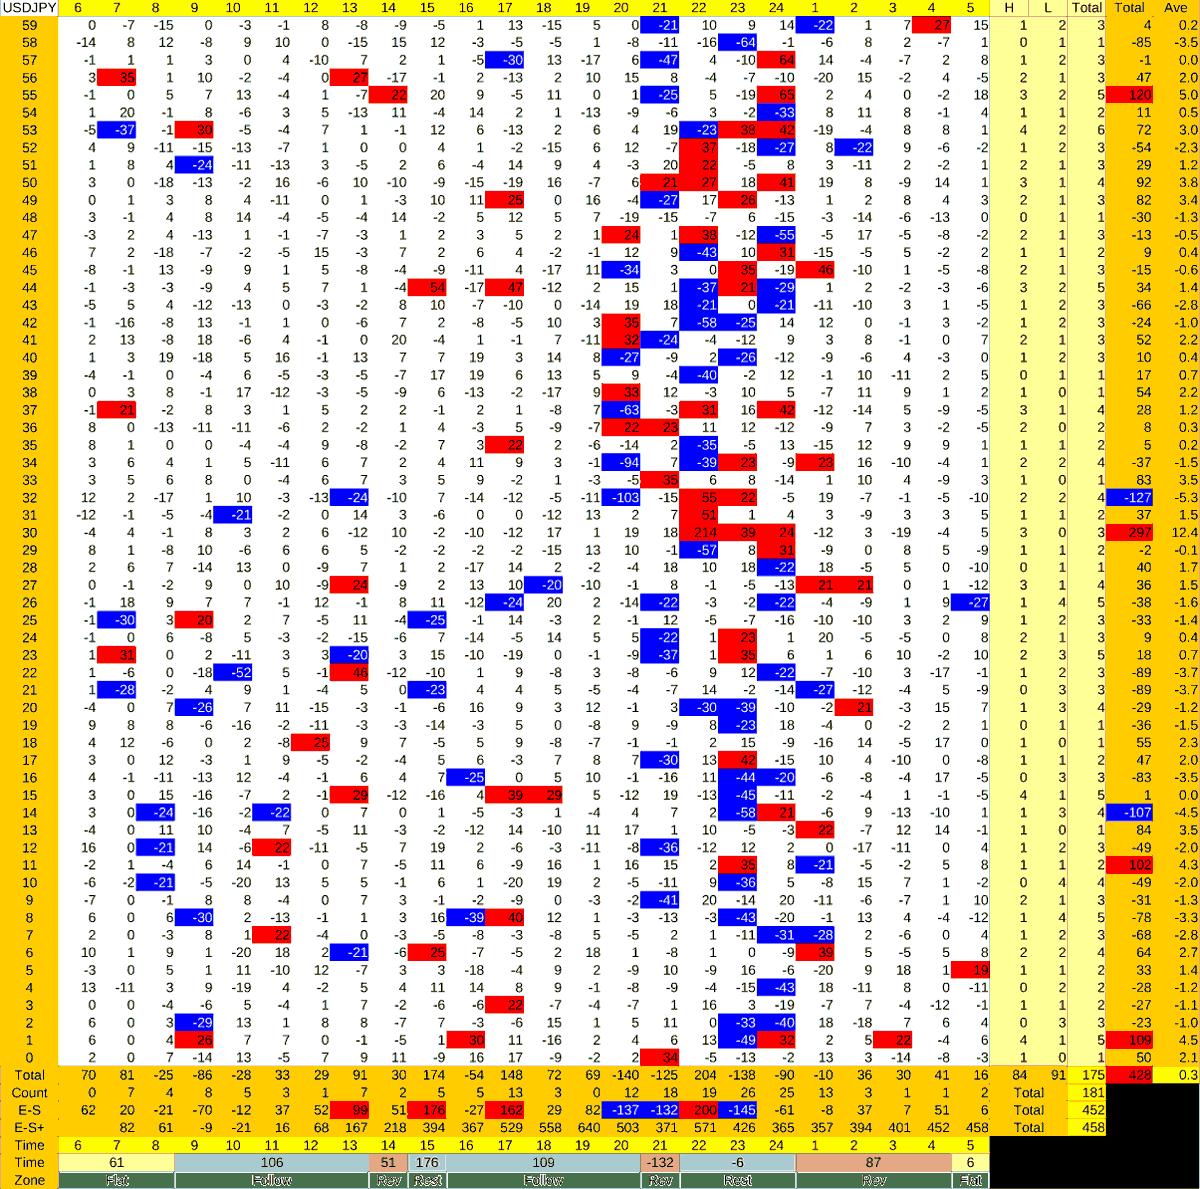 20210305_HS(1)USDJPY